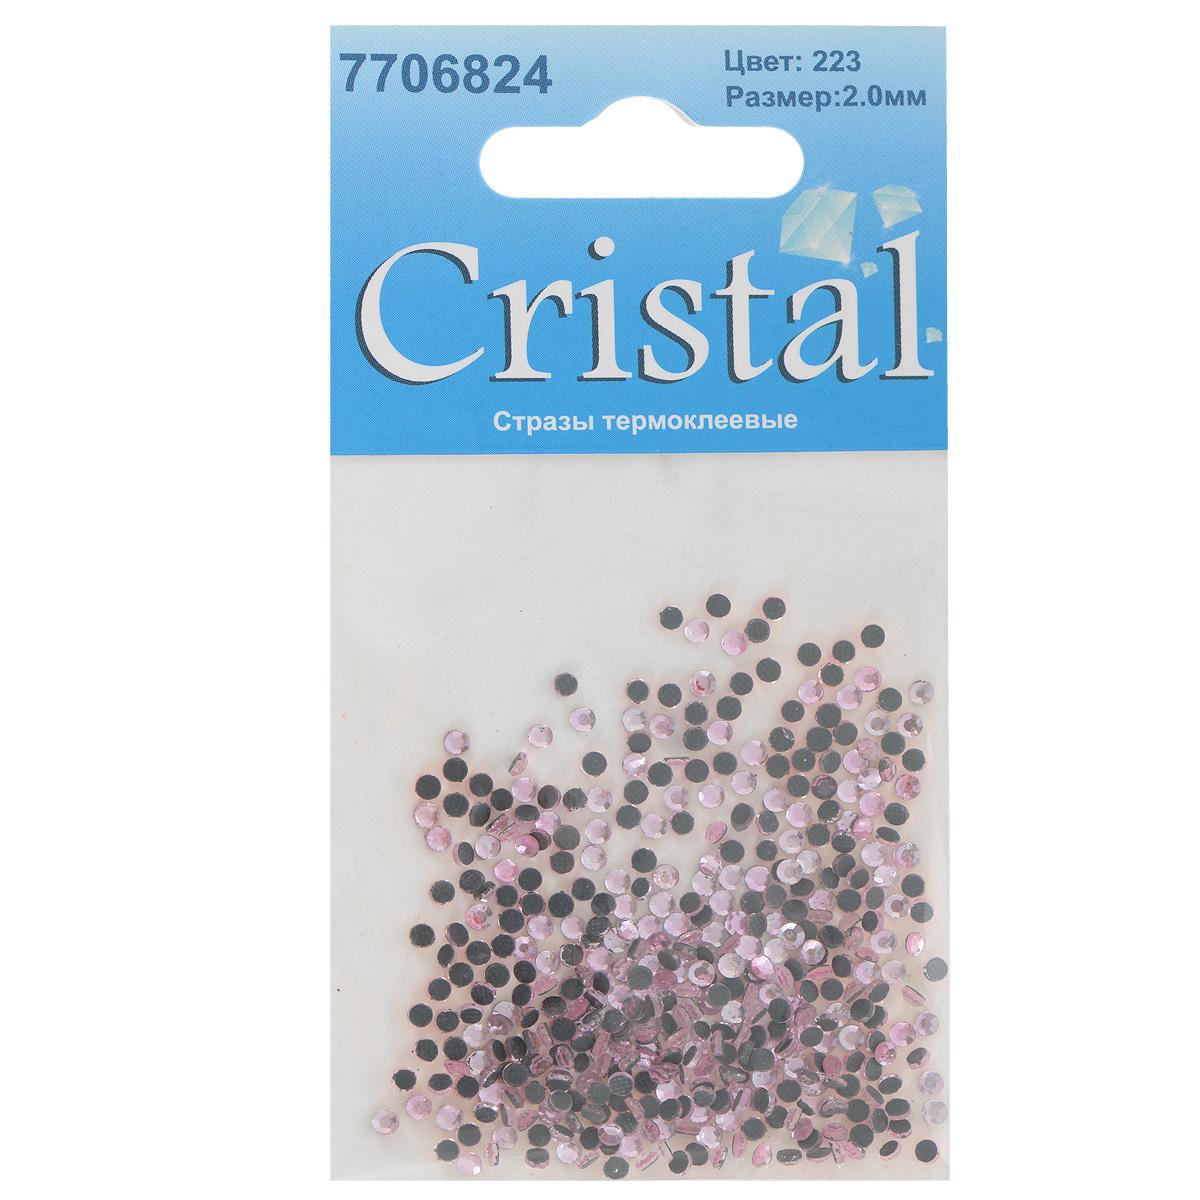 Стразы термоклеевые Cristal, цвет: светло-розовый (223), диаметр 2 мм, 432 шт7706824_223Набор термоклеевых страз Cristal, изготовленный из высококачественного акрила, позволит вам украсить одежду, аксессуары или текстиль. Яркие стразы имеют плоское дно и круглую поверхность с гранями.Дно термоклеевых страз уже обработано особым клеем, который под воздействием высоких температур начинает плавиться, приклеиваясь, таким образом, к требуемой поверхности. Чаще всего их используют в текстильной промышленности: стразы прикладывают к ткани и проглаживают утюгом с обратной стороны. Также можно использовать специальный паяльник. Украшение стразами поможет сделать любую вещь оригинальной и неповторимой. Диаметр страз: 2 мм.